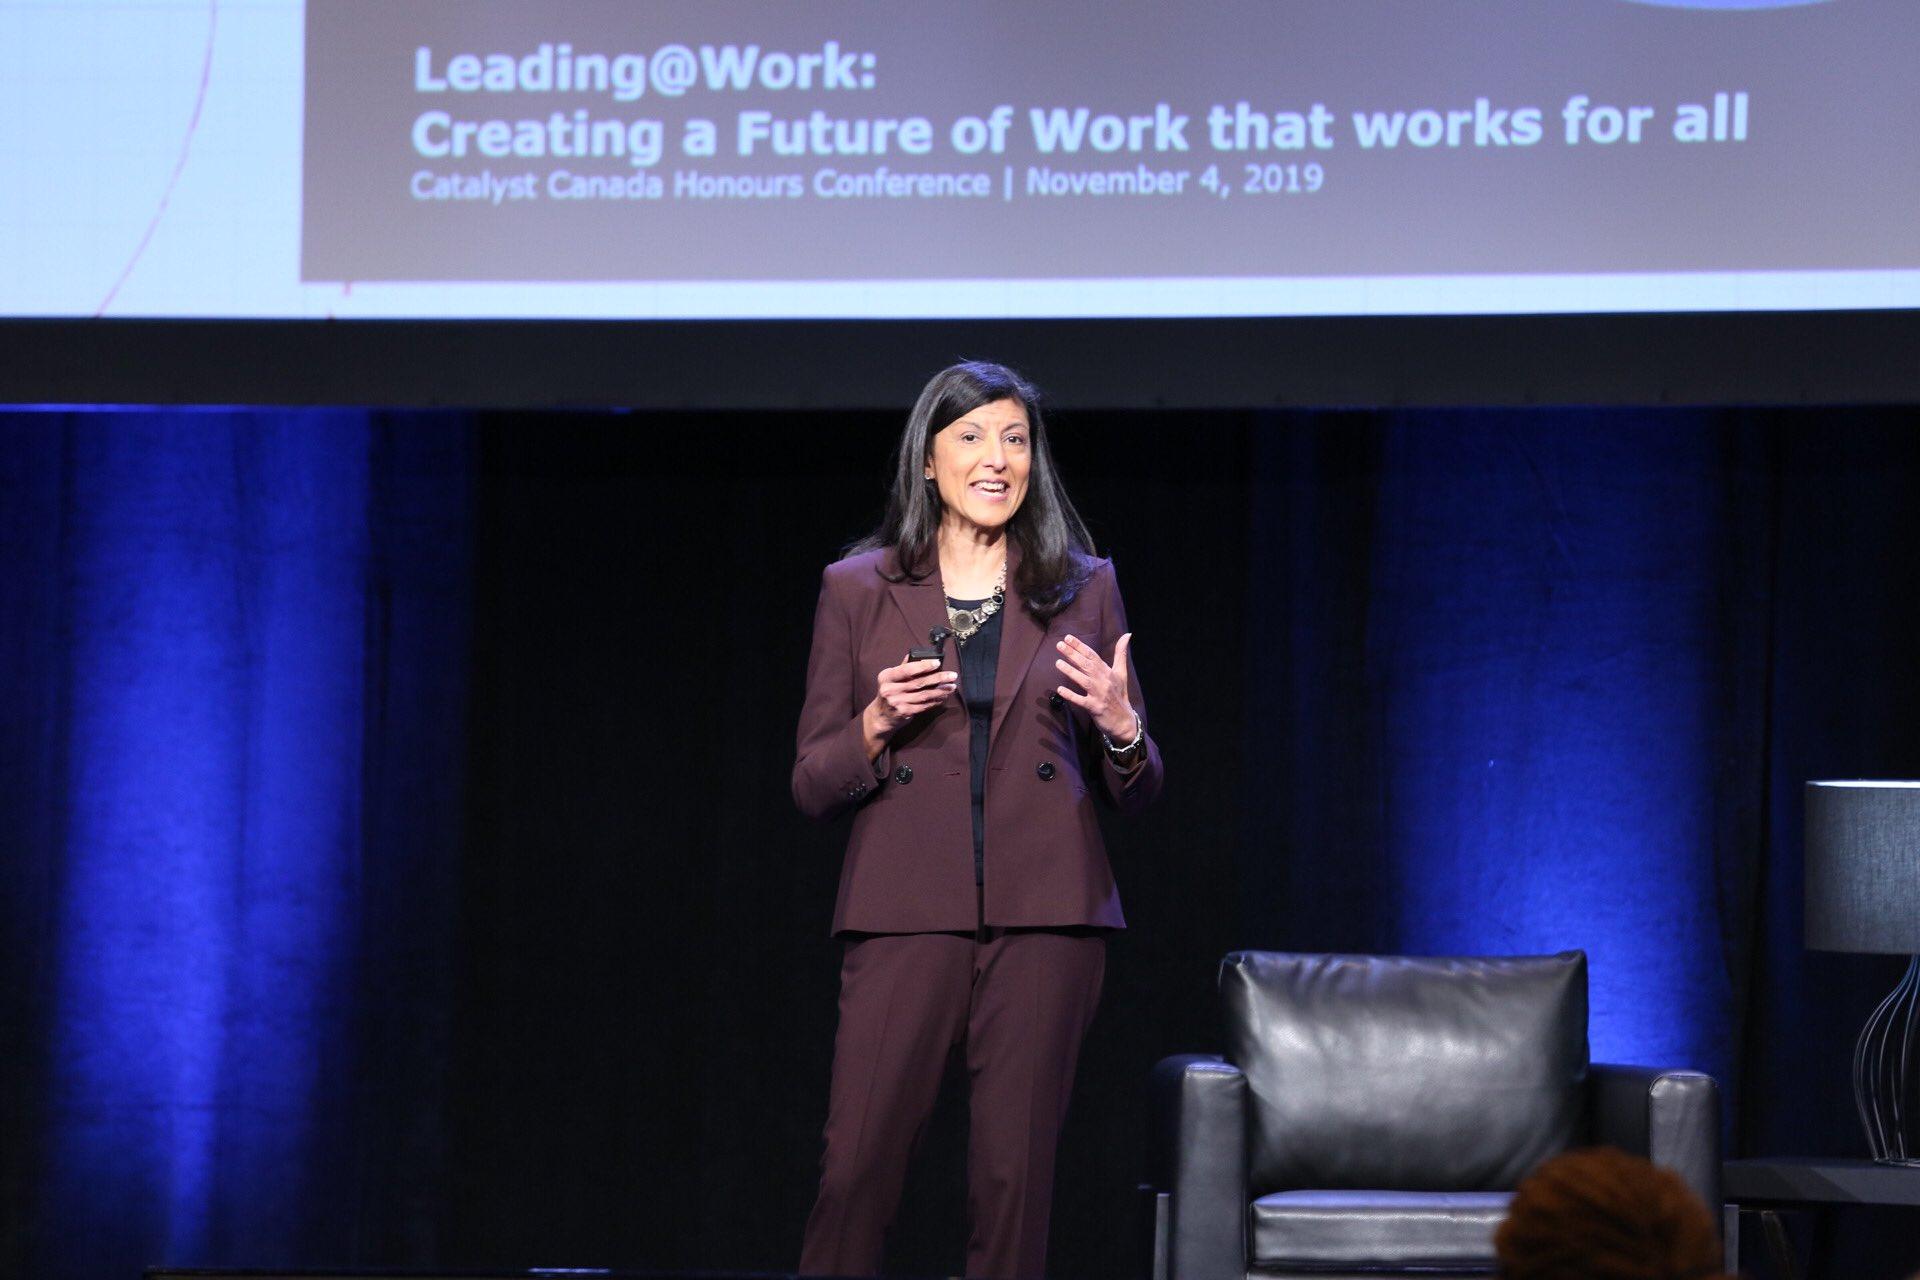 Zabeen Hirji, Executive Advisor, Future of Work, Deloitte